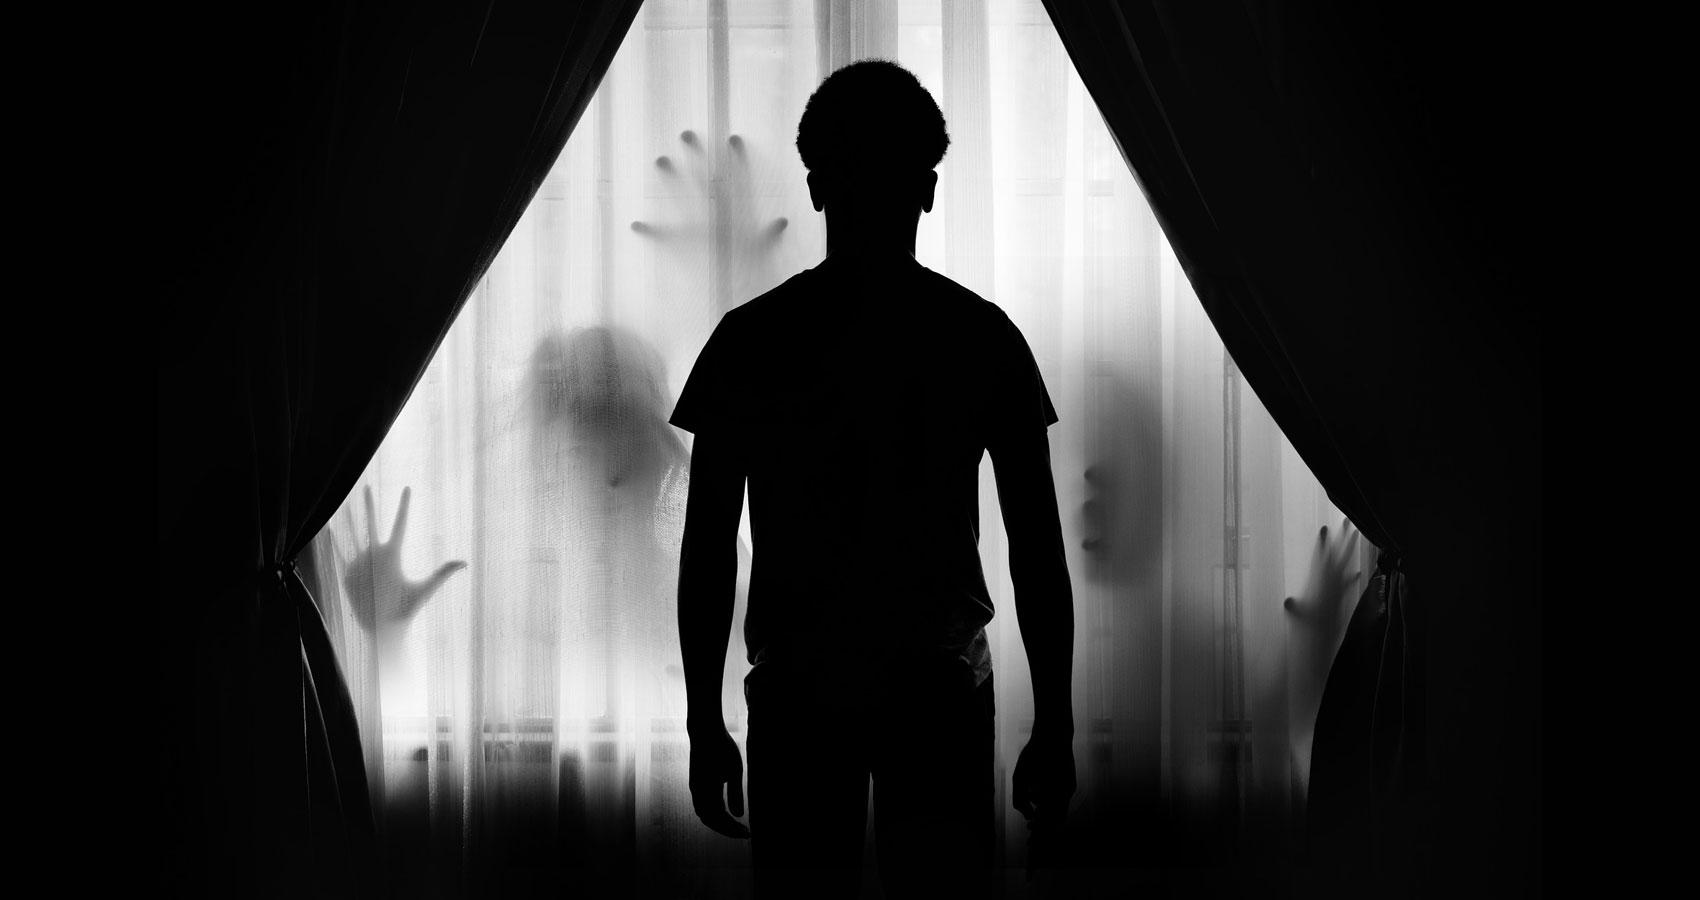 популярный человек в темноте картинки наш